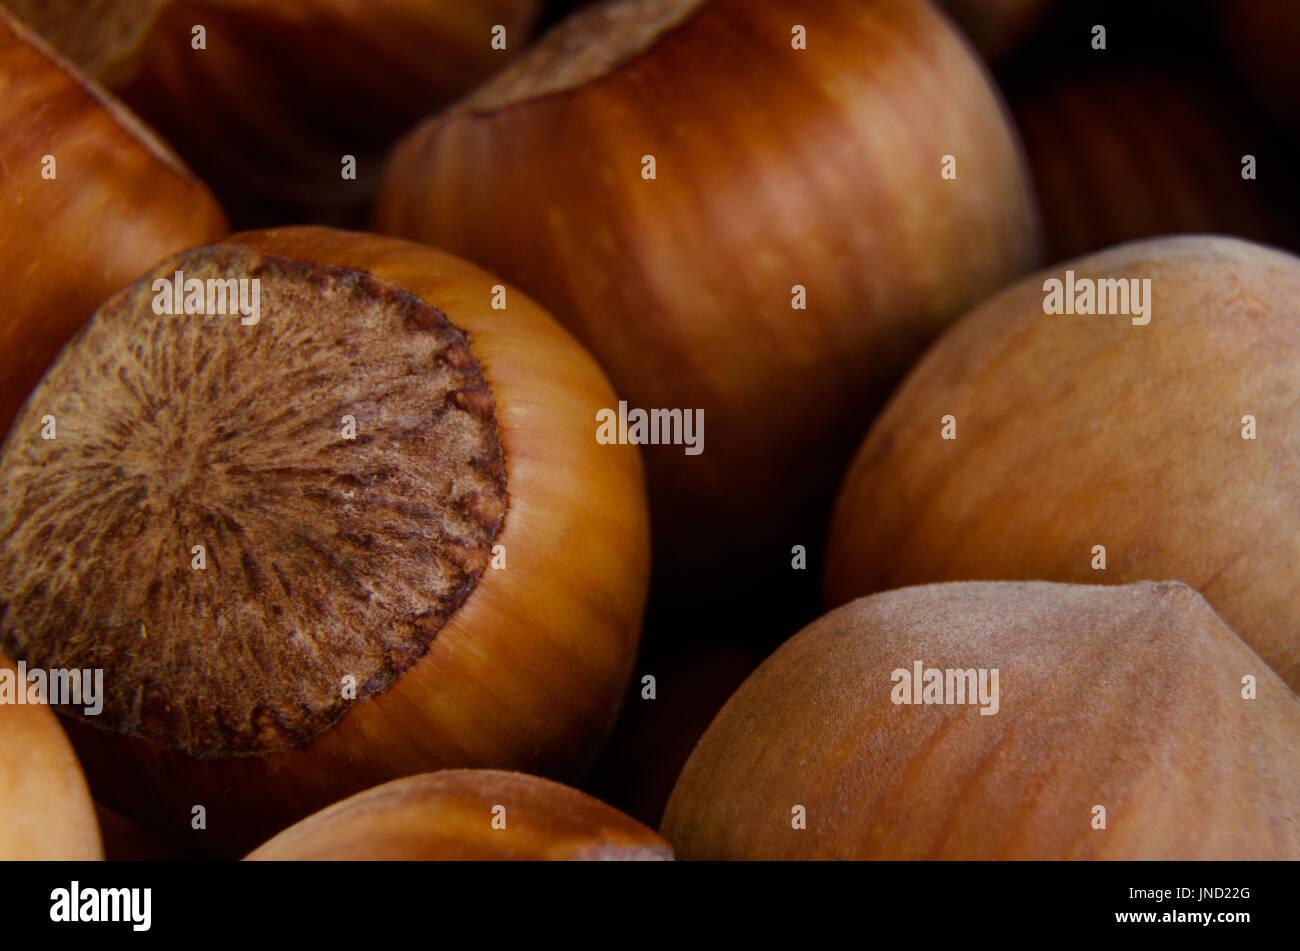 Macro photo of hazelnut heap; Focus on the nearest part - Stock Image